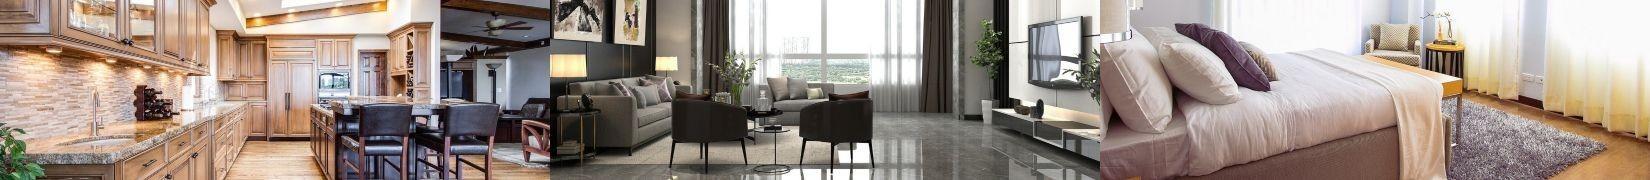 Artykuły wyposażenia wnętrz. Home Decor najwyższej jakości